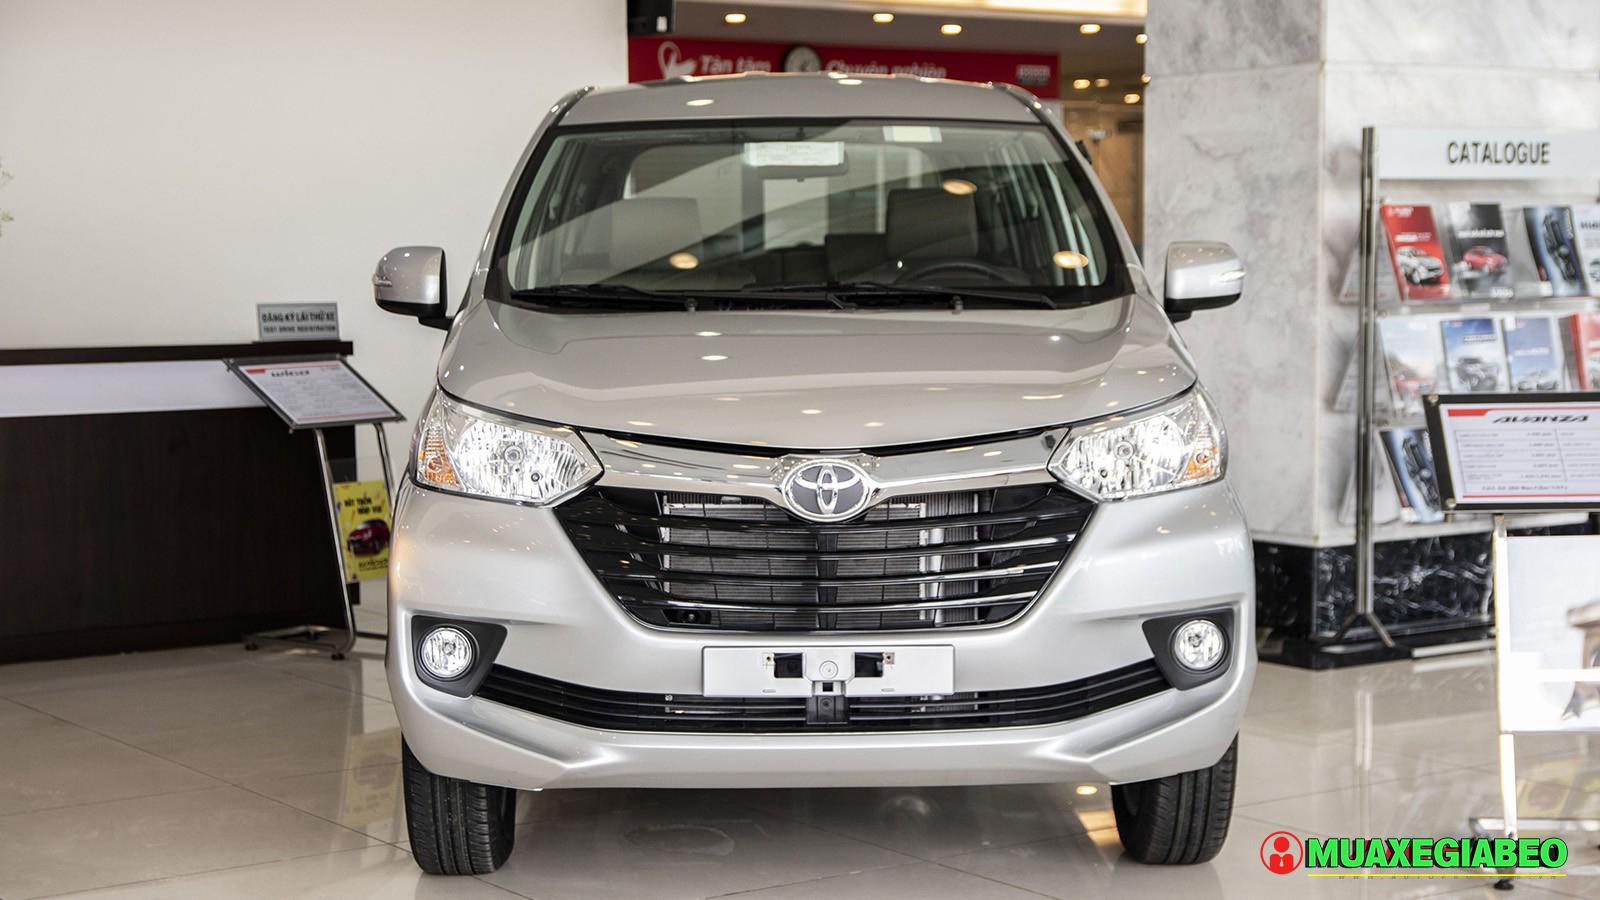 Đánh giá xe Toyota Avanza ảnh 14 - Toyota Avanza: thông số và giá xe tháng [hienthithang]